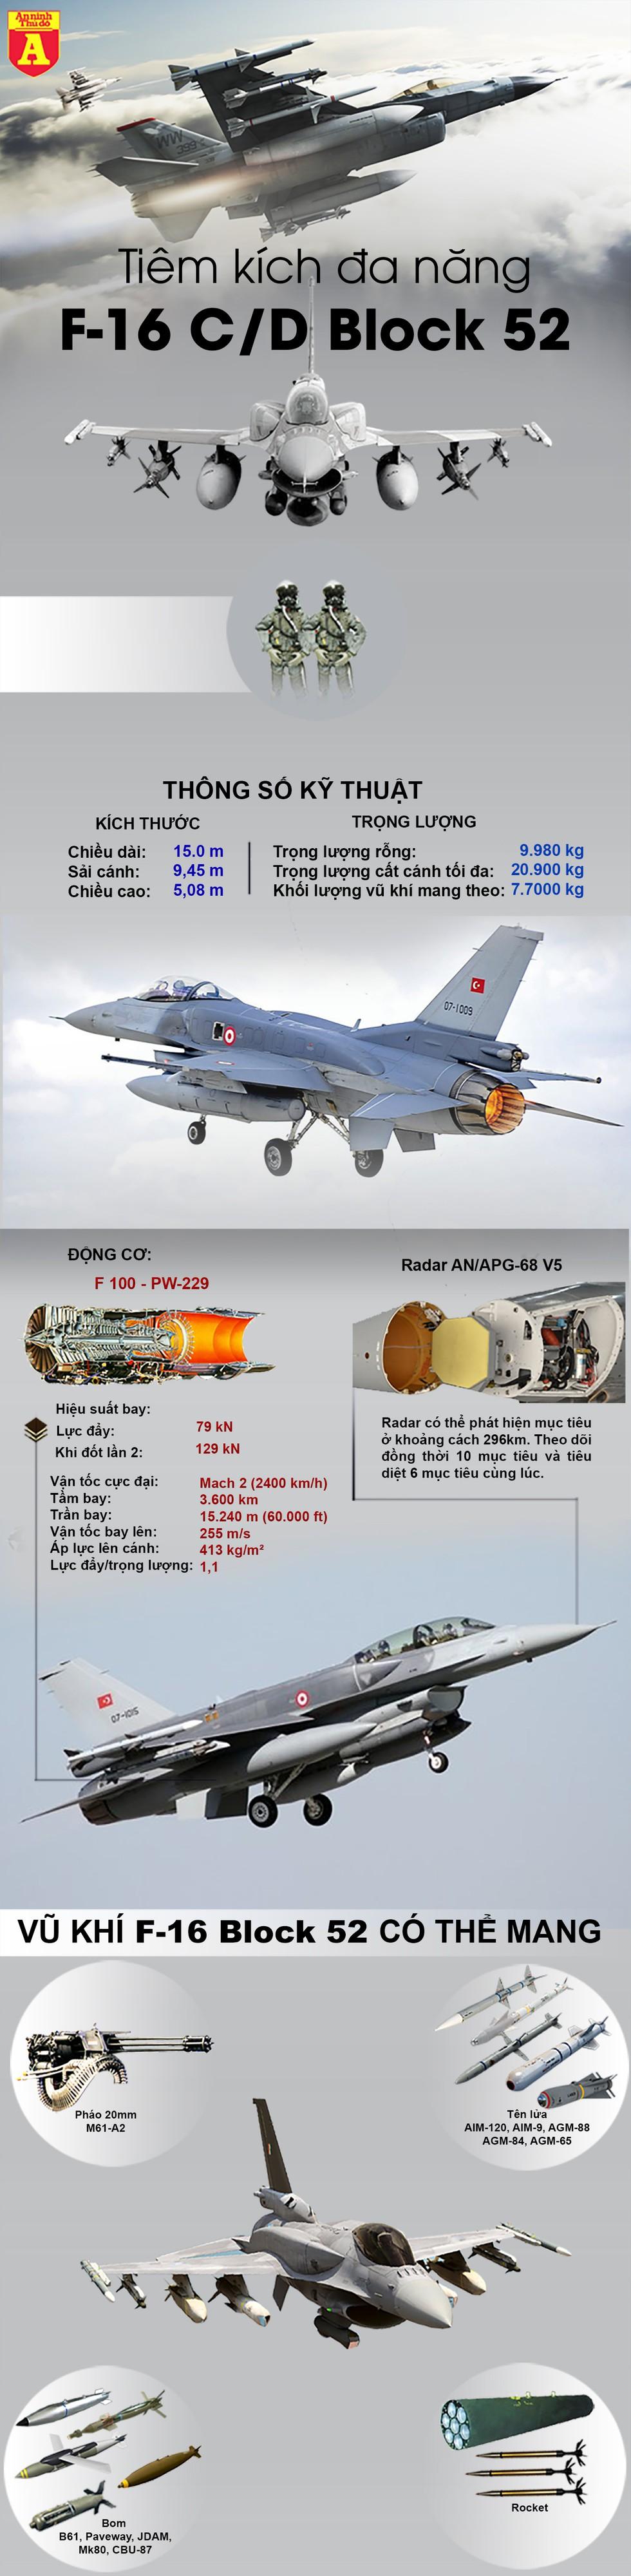 """[Info] Thổ Nhĩ Kỳ đang có biến thể nào của """"chiến thần"""" F-16? - Ảnh 1"""